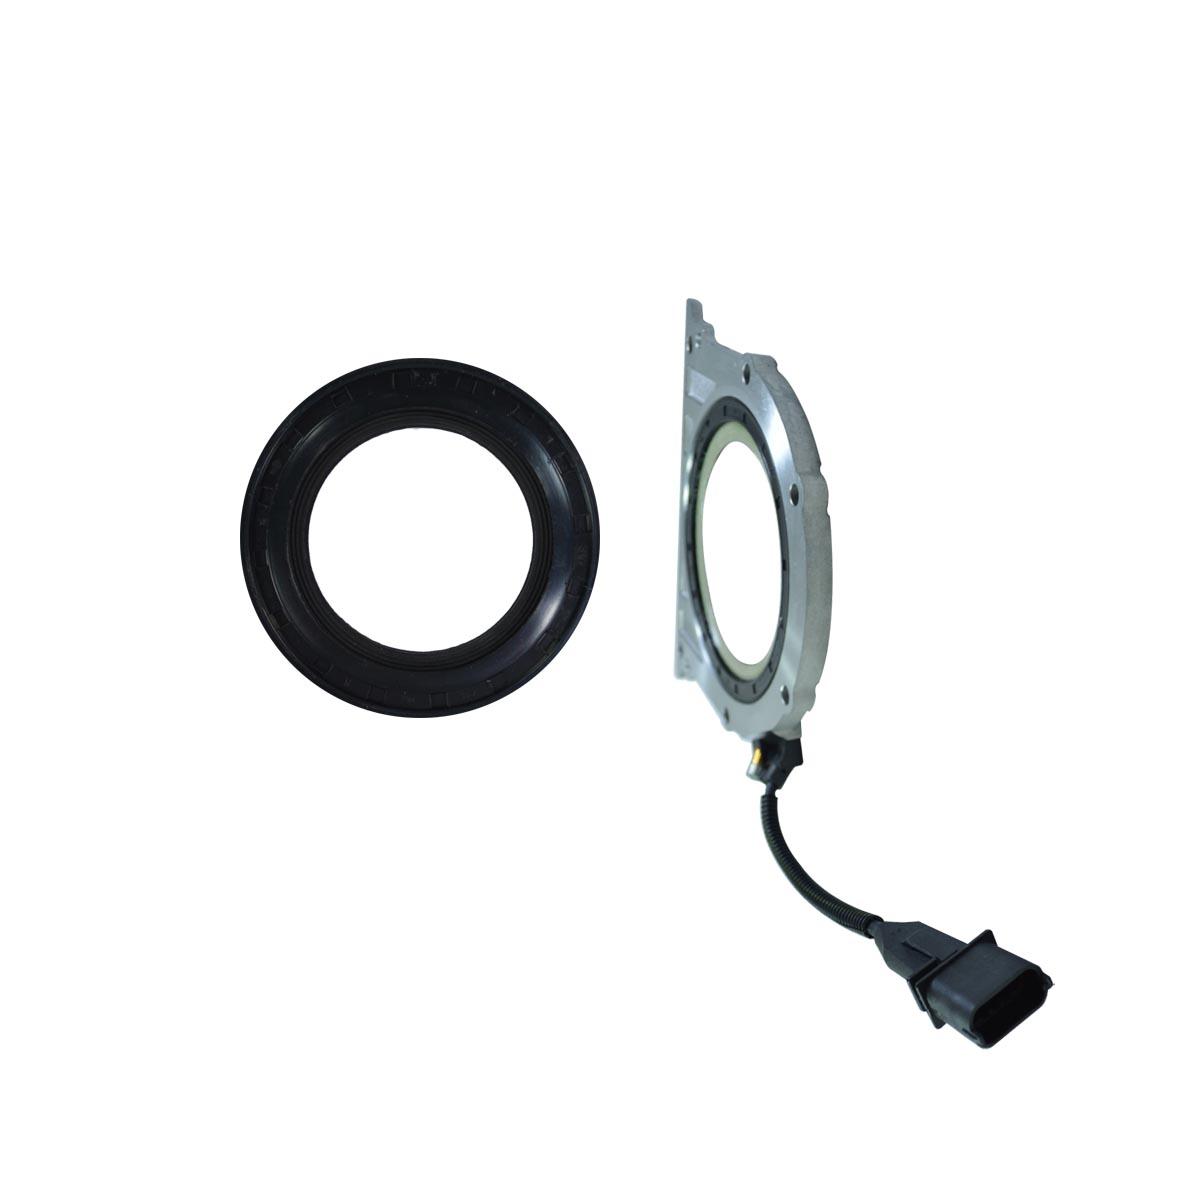 Kit Retentor Dianteiro + Traseiro Motor Ssangyong New Actyon 2.0 após 2012 Original